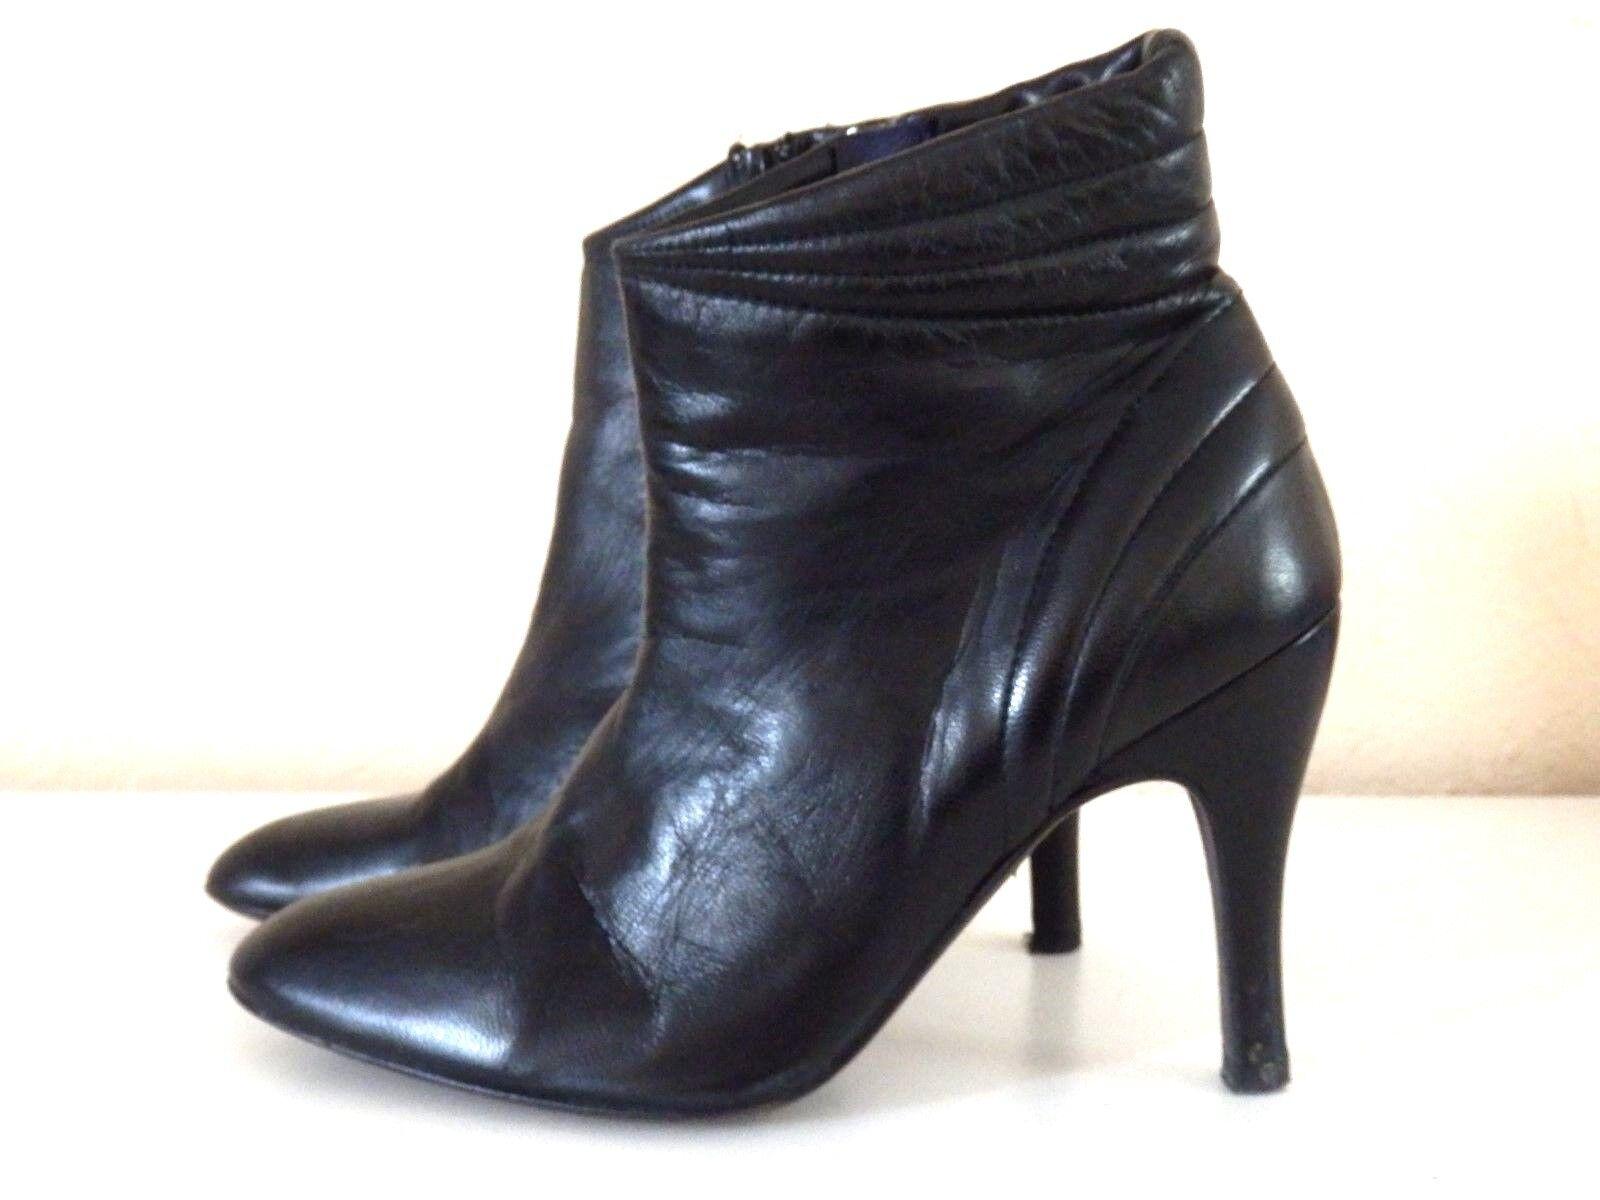 ZADIG & VOLTAIRE - BOTTINES -botas à TALONS - P.35 eu - CUIR SOUPLE negro